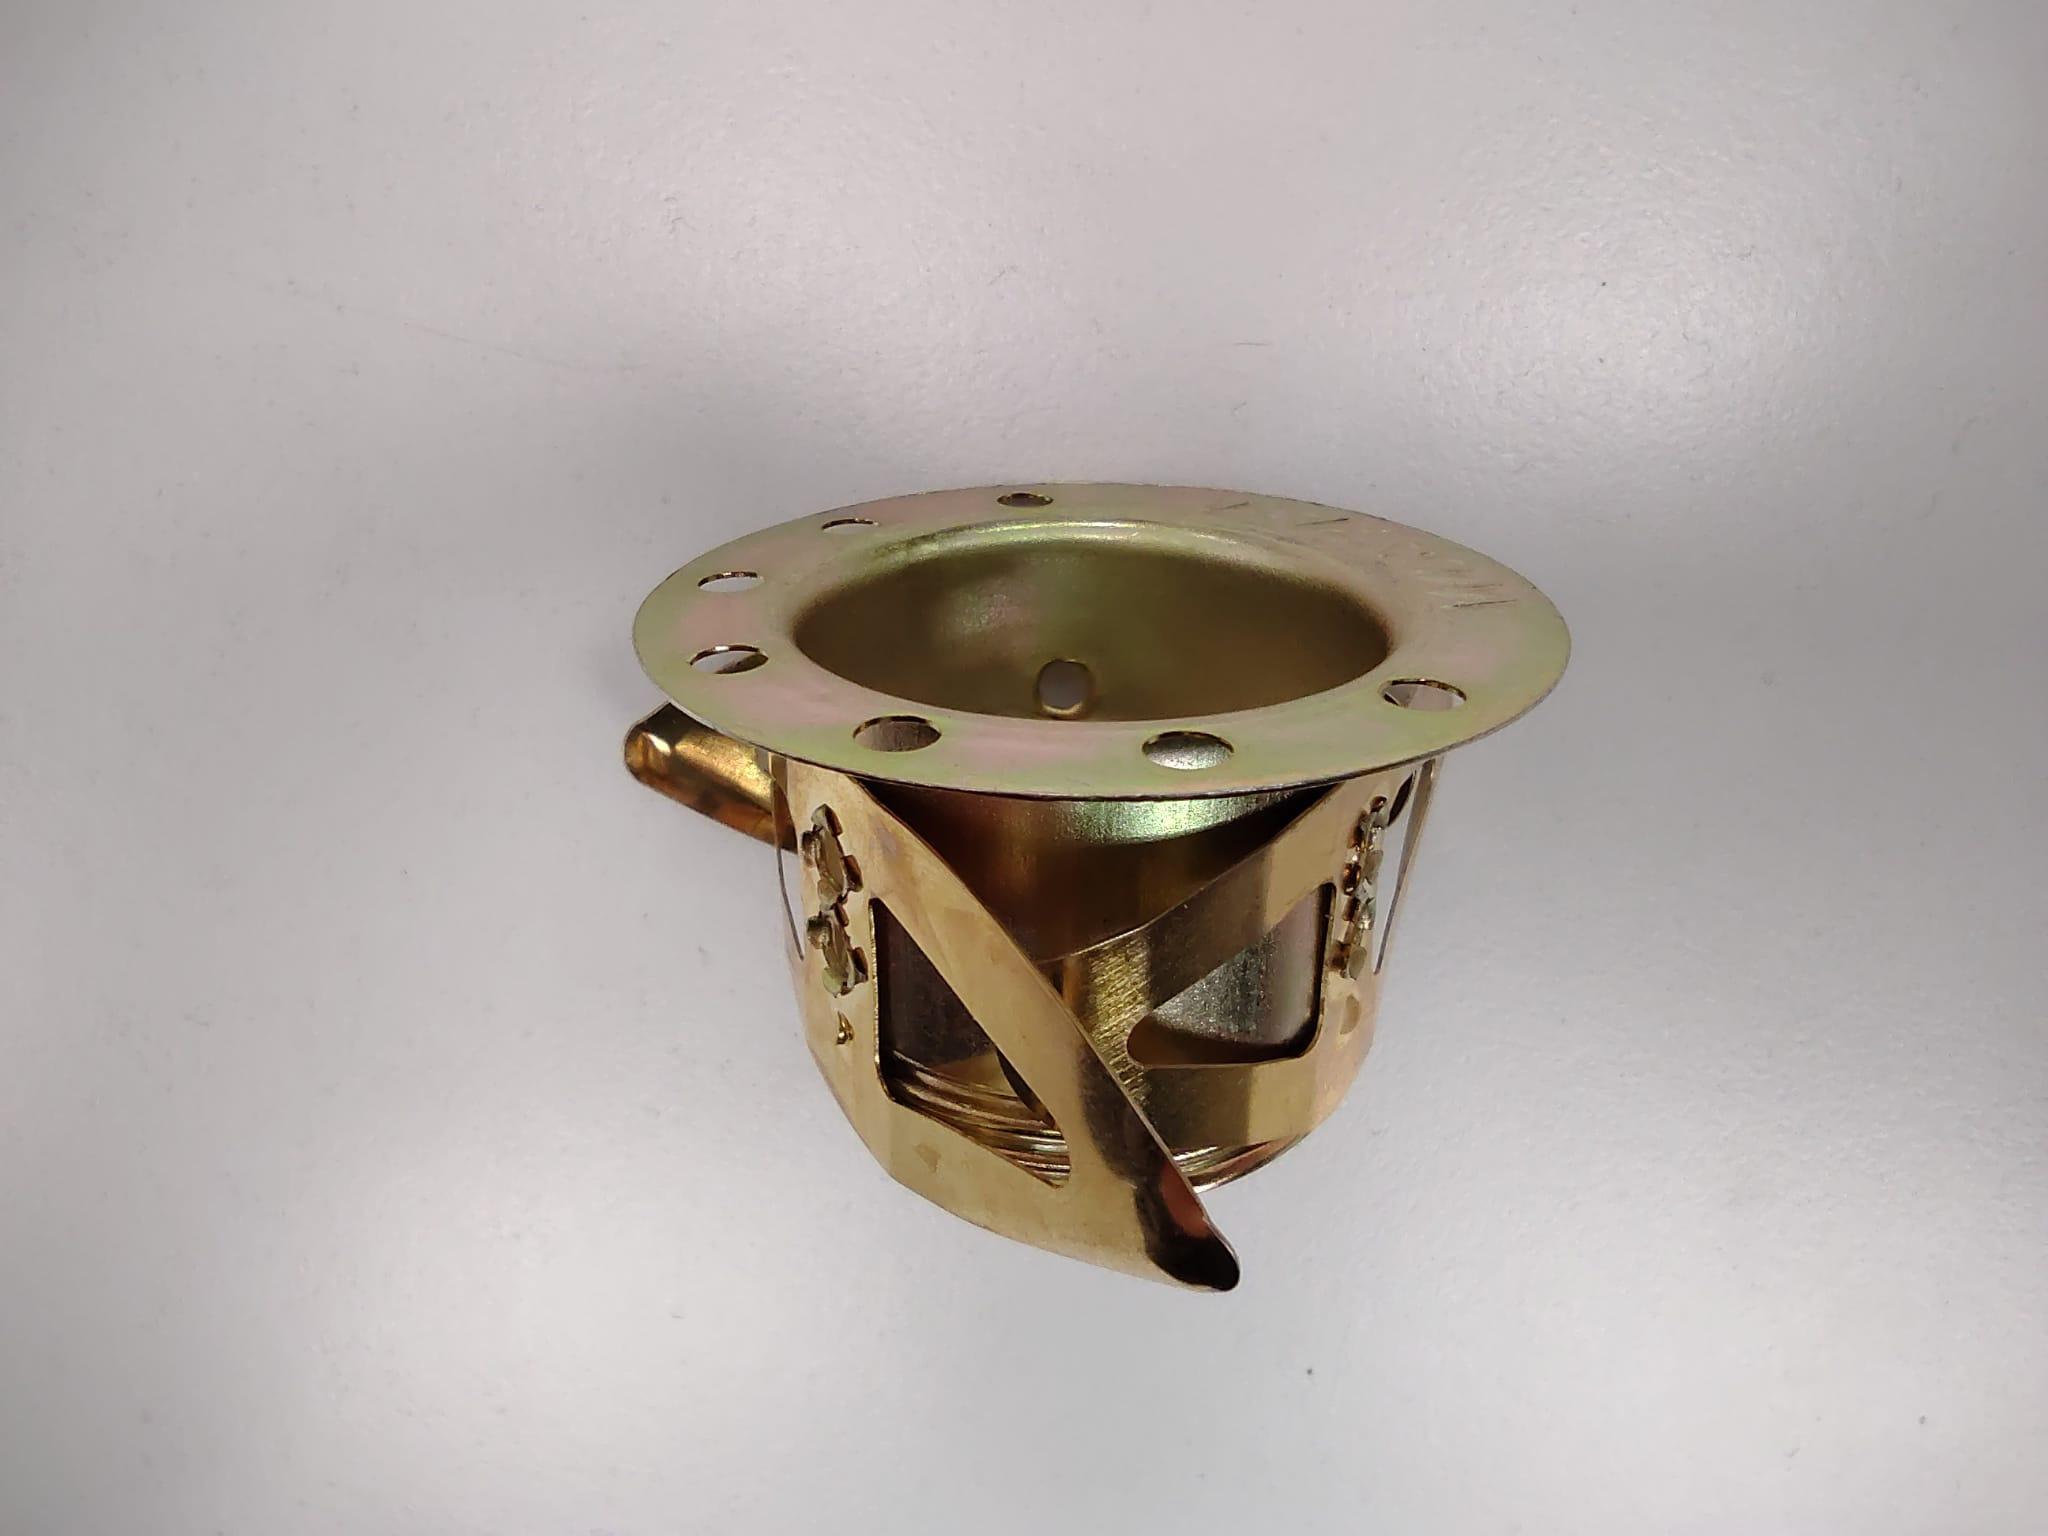 Ghiera ottonata a 3 molle E14 per bloccaggio vetro. Misure Ø45 x h26 mm.